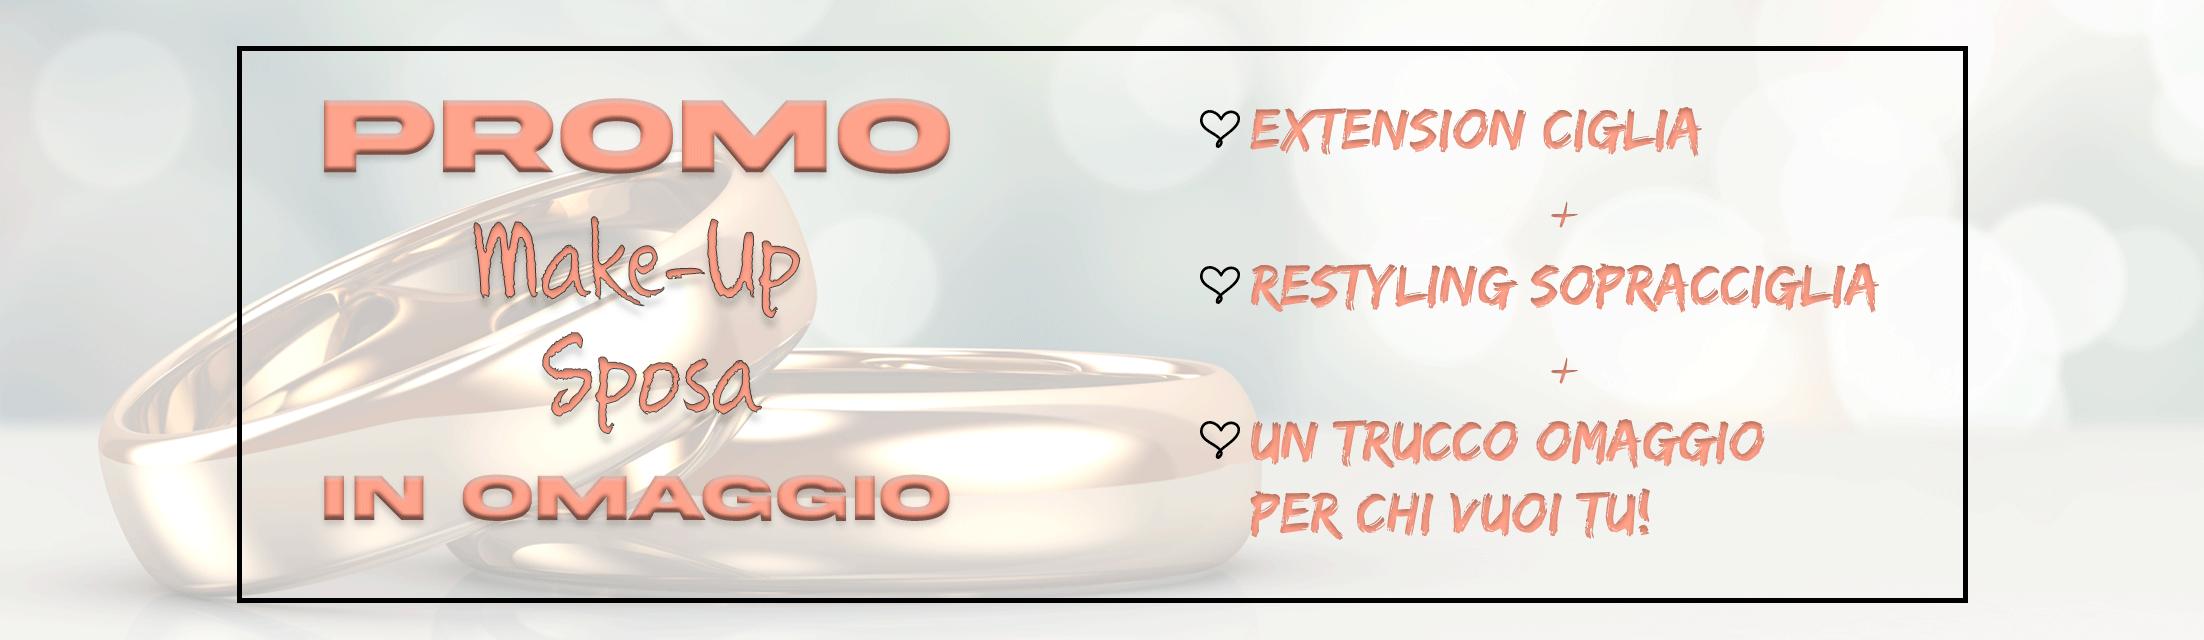 banner-promo-sposa-new-trucco-sposa